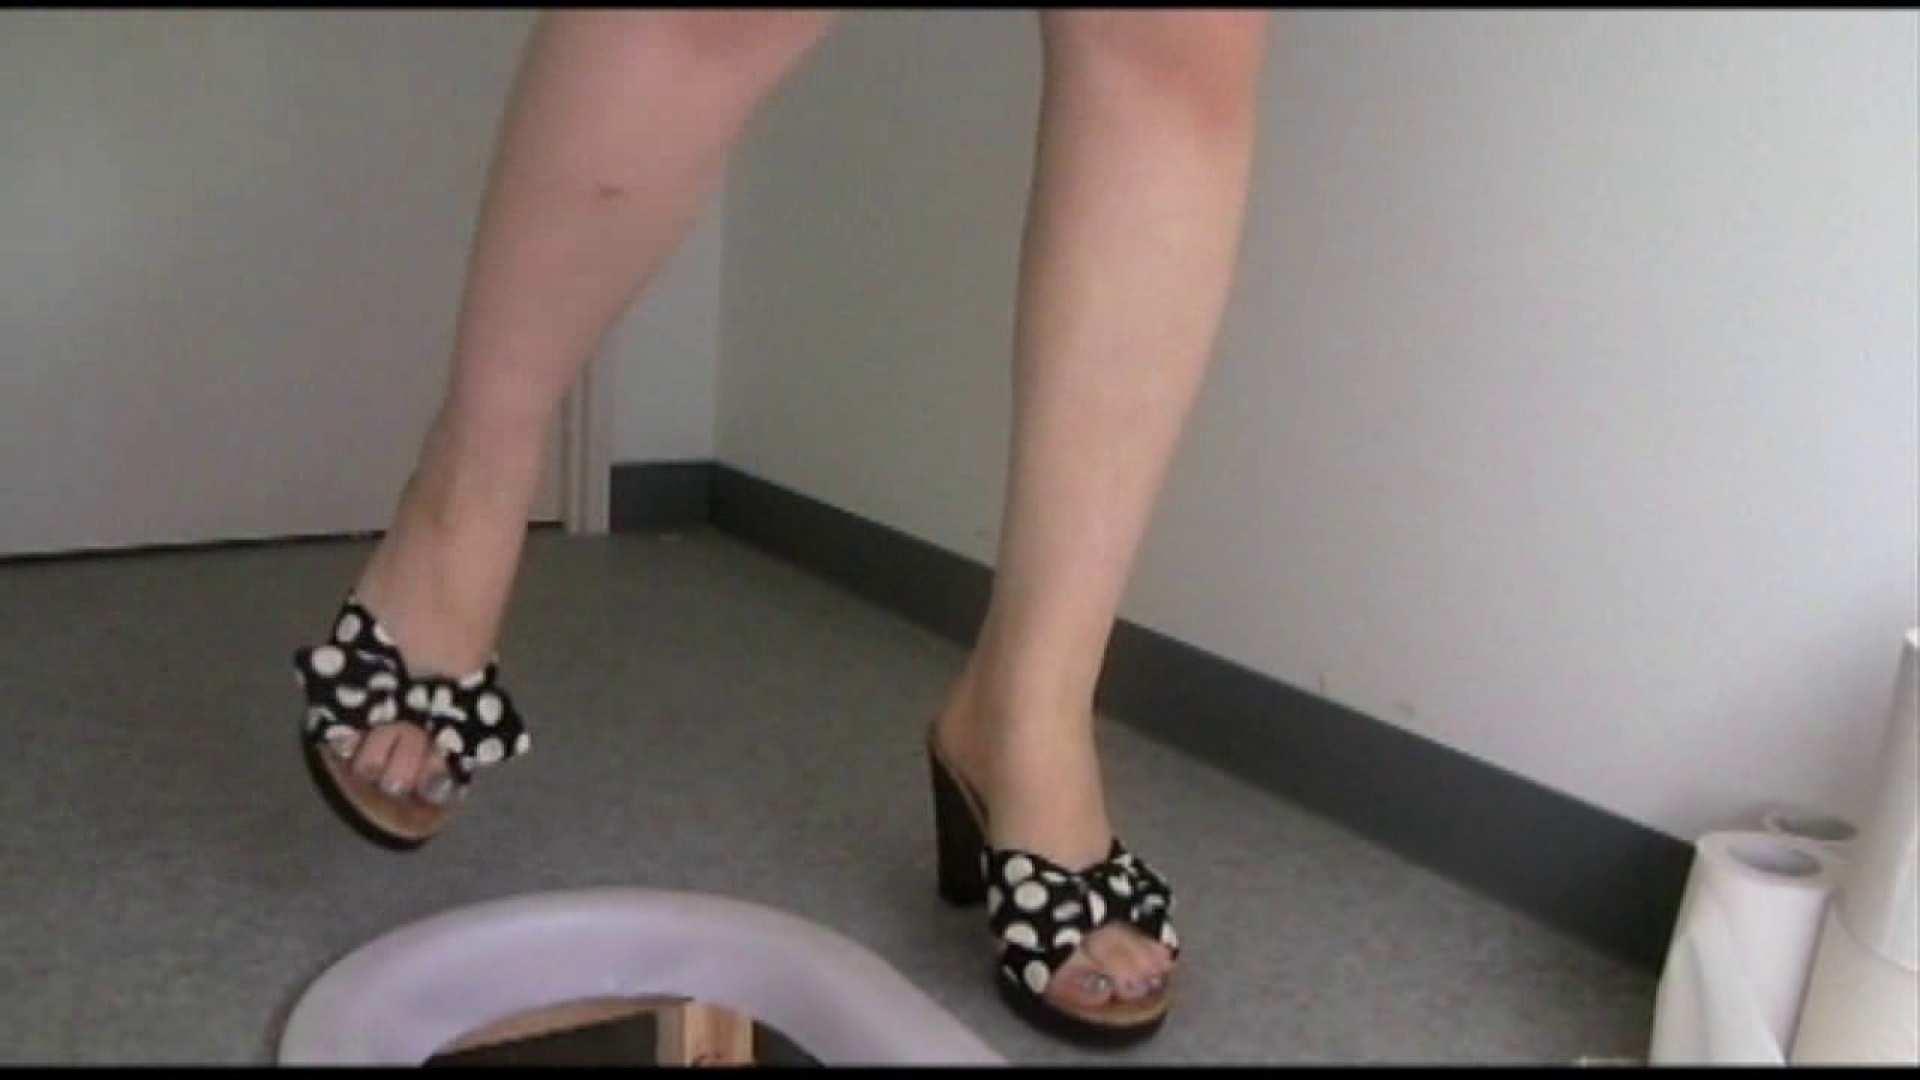 和式にまたがる女たちを待ちうけるカメラの衝撃映像vol.01 盗撮師作品 オマンコ動画キャプチャ 106pic 62